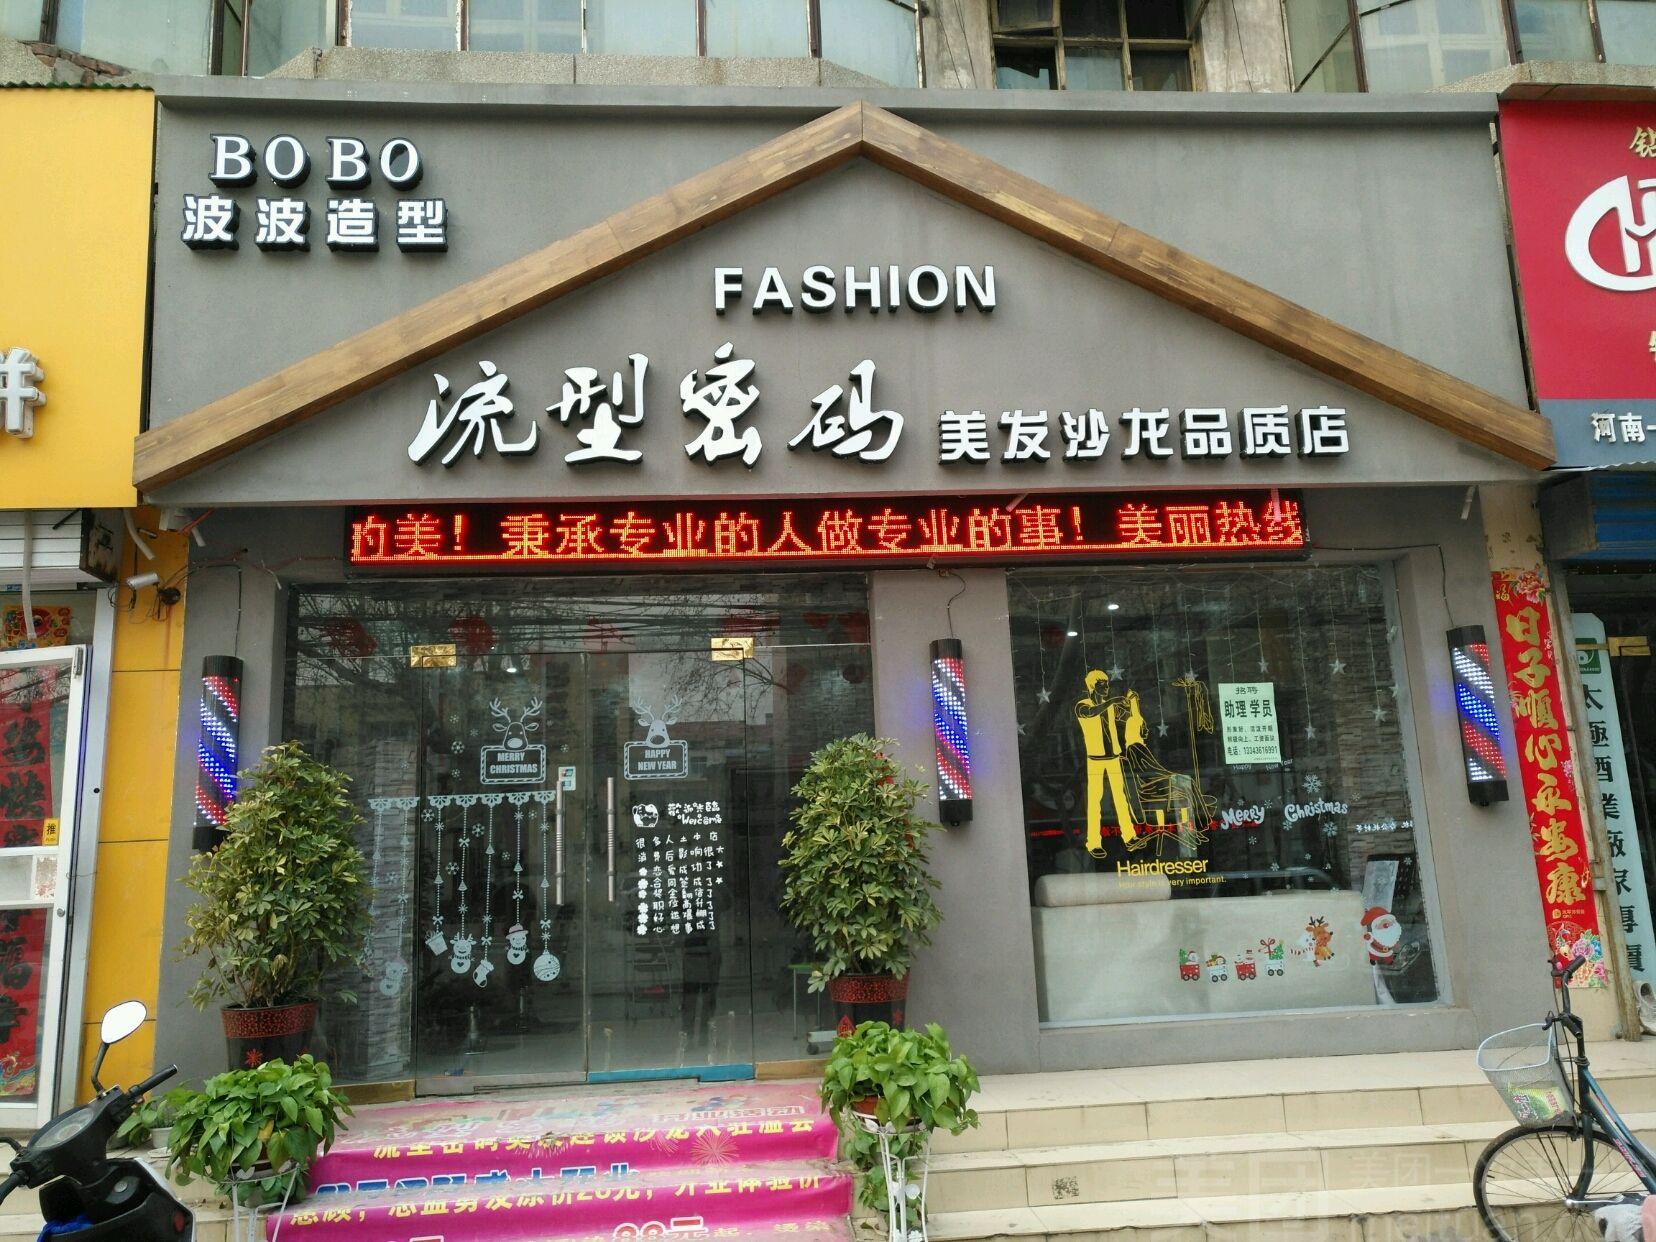 温县丽人  波波理发店            黄河路1088号效果 7.7环境 7.